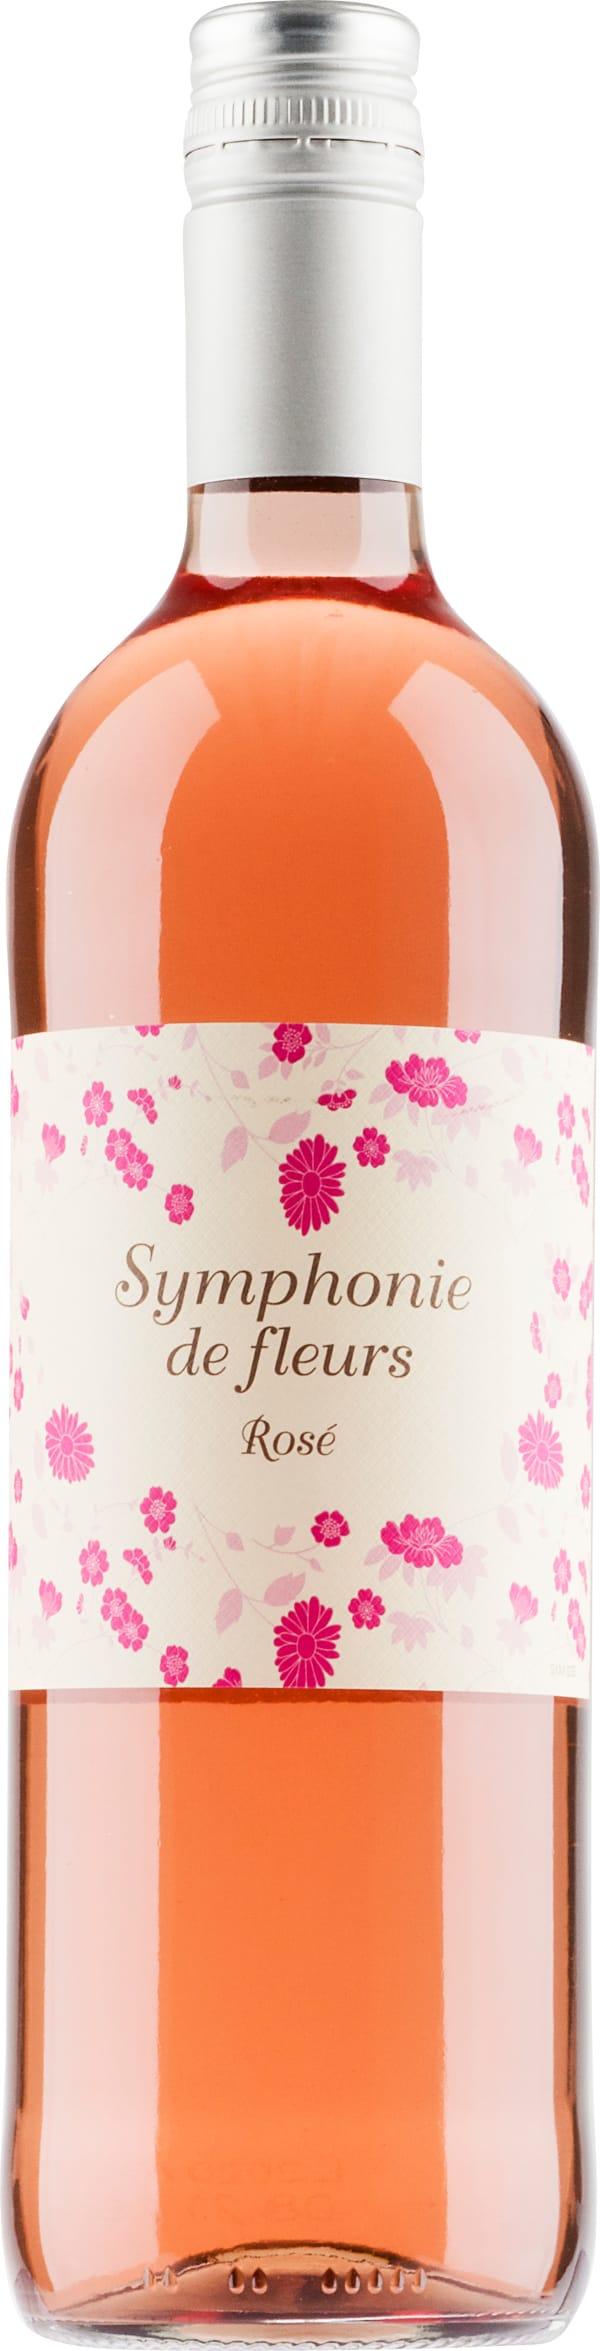 Symphonie de Fleurs Rosé 2019